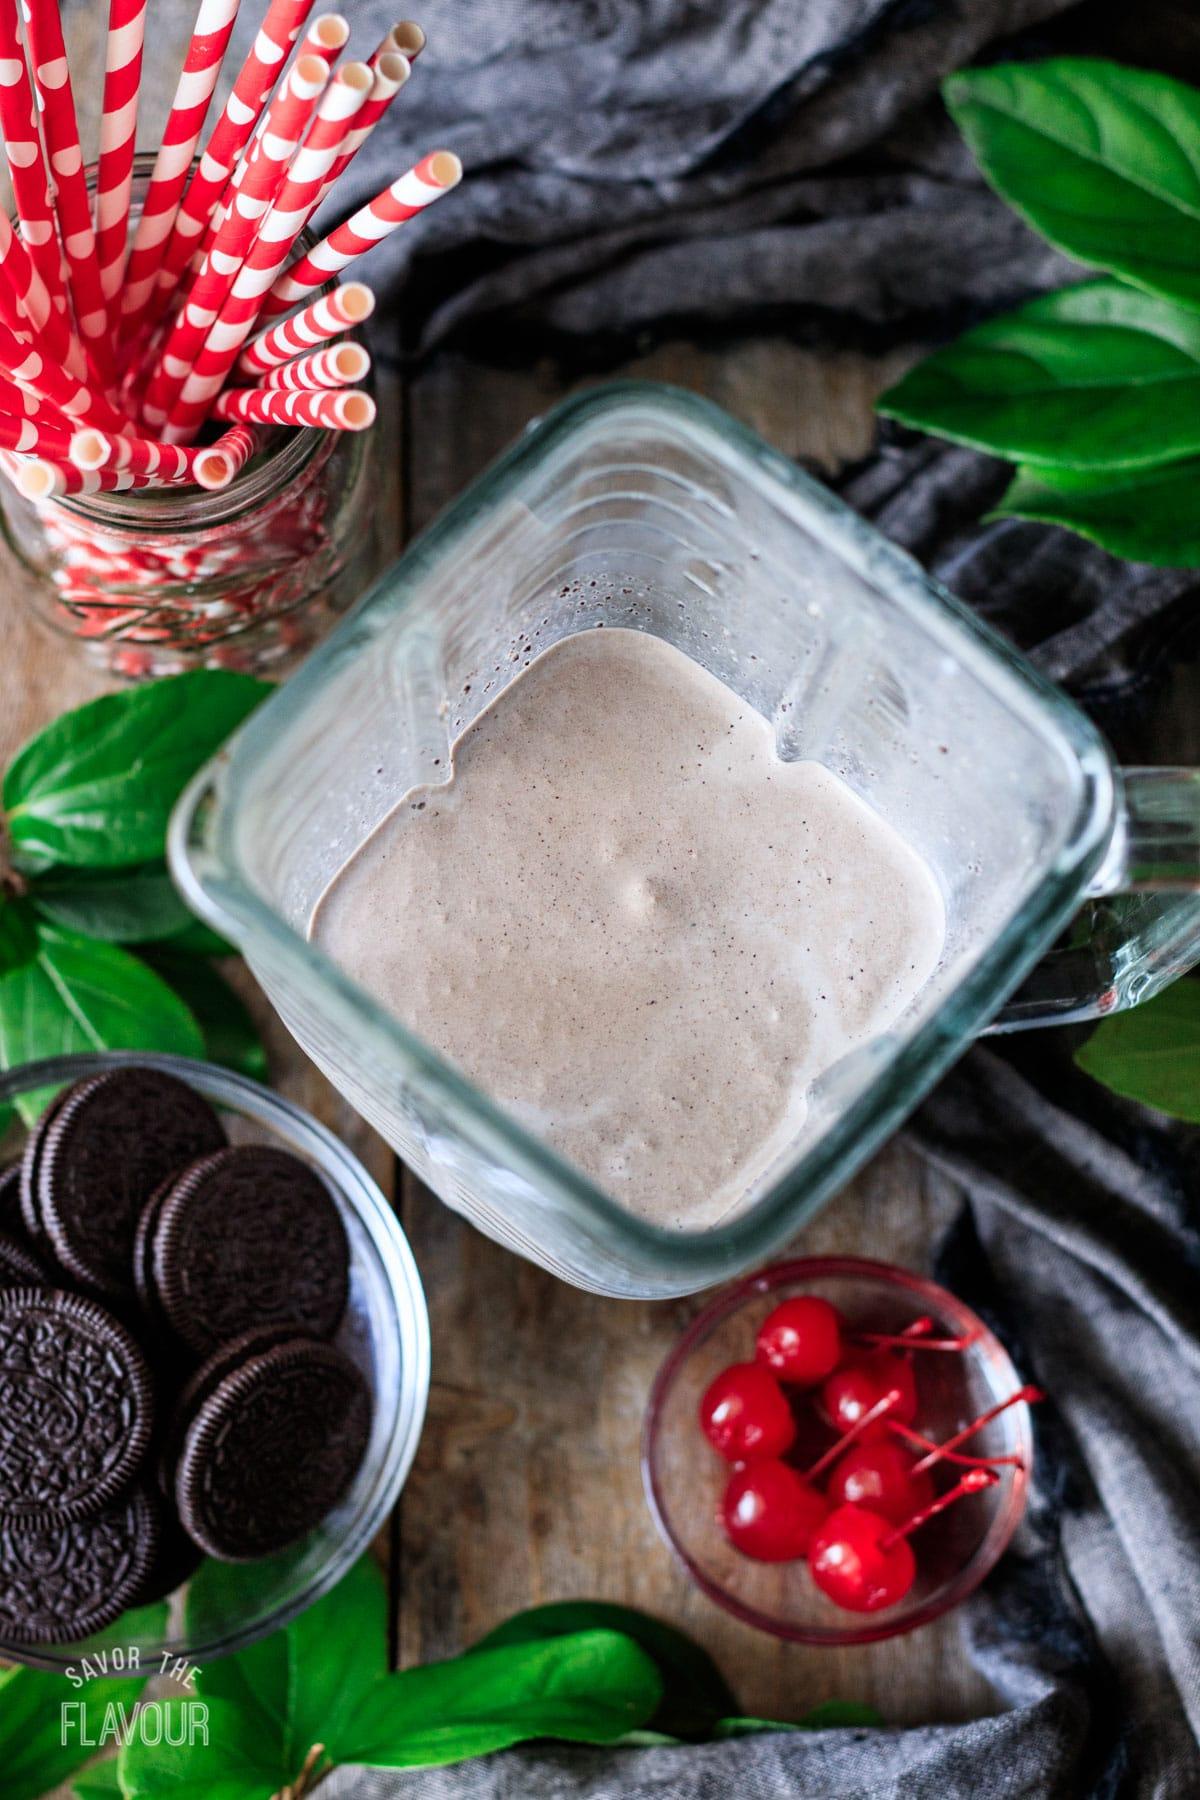 blended Oreo milkshake